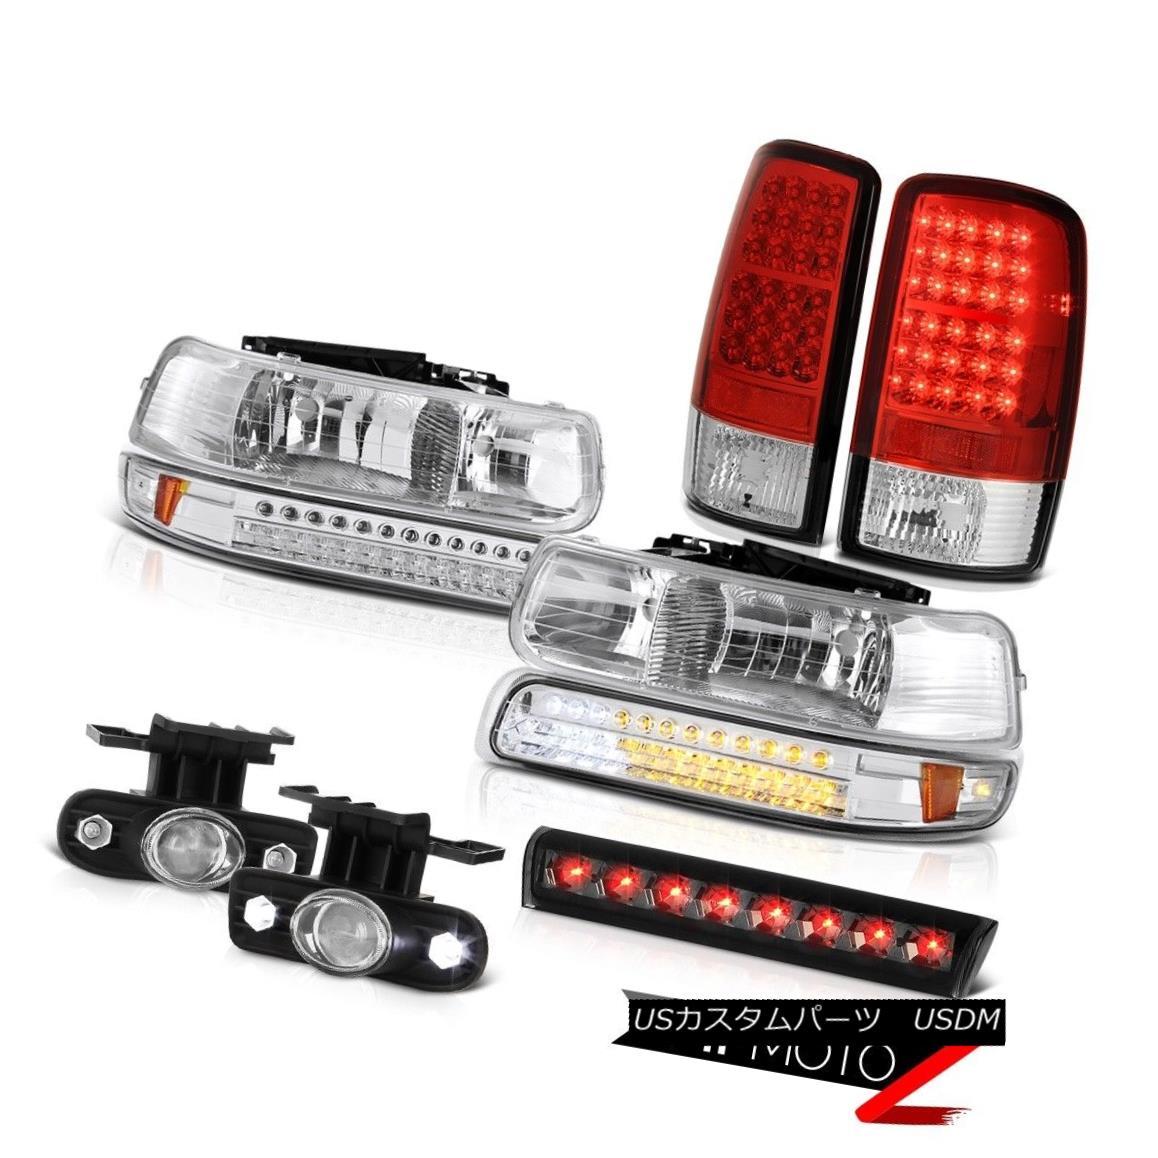 テールライト 00-06 Chevy Tahoe Z71 Smokey 3rd brake lamp fog lights wine red tail Headlights 00-06シボレータホZ71スモーキー第3ブレーキランプフォグライトワインレッドテールヘッドライト